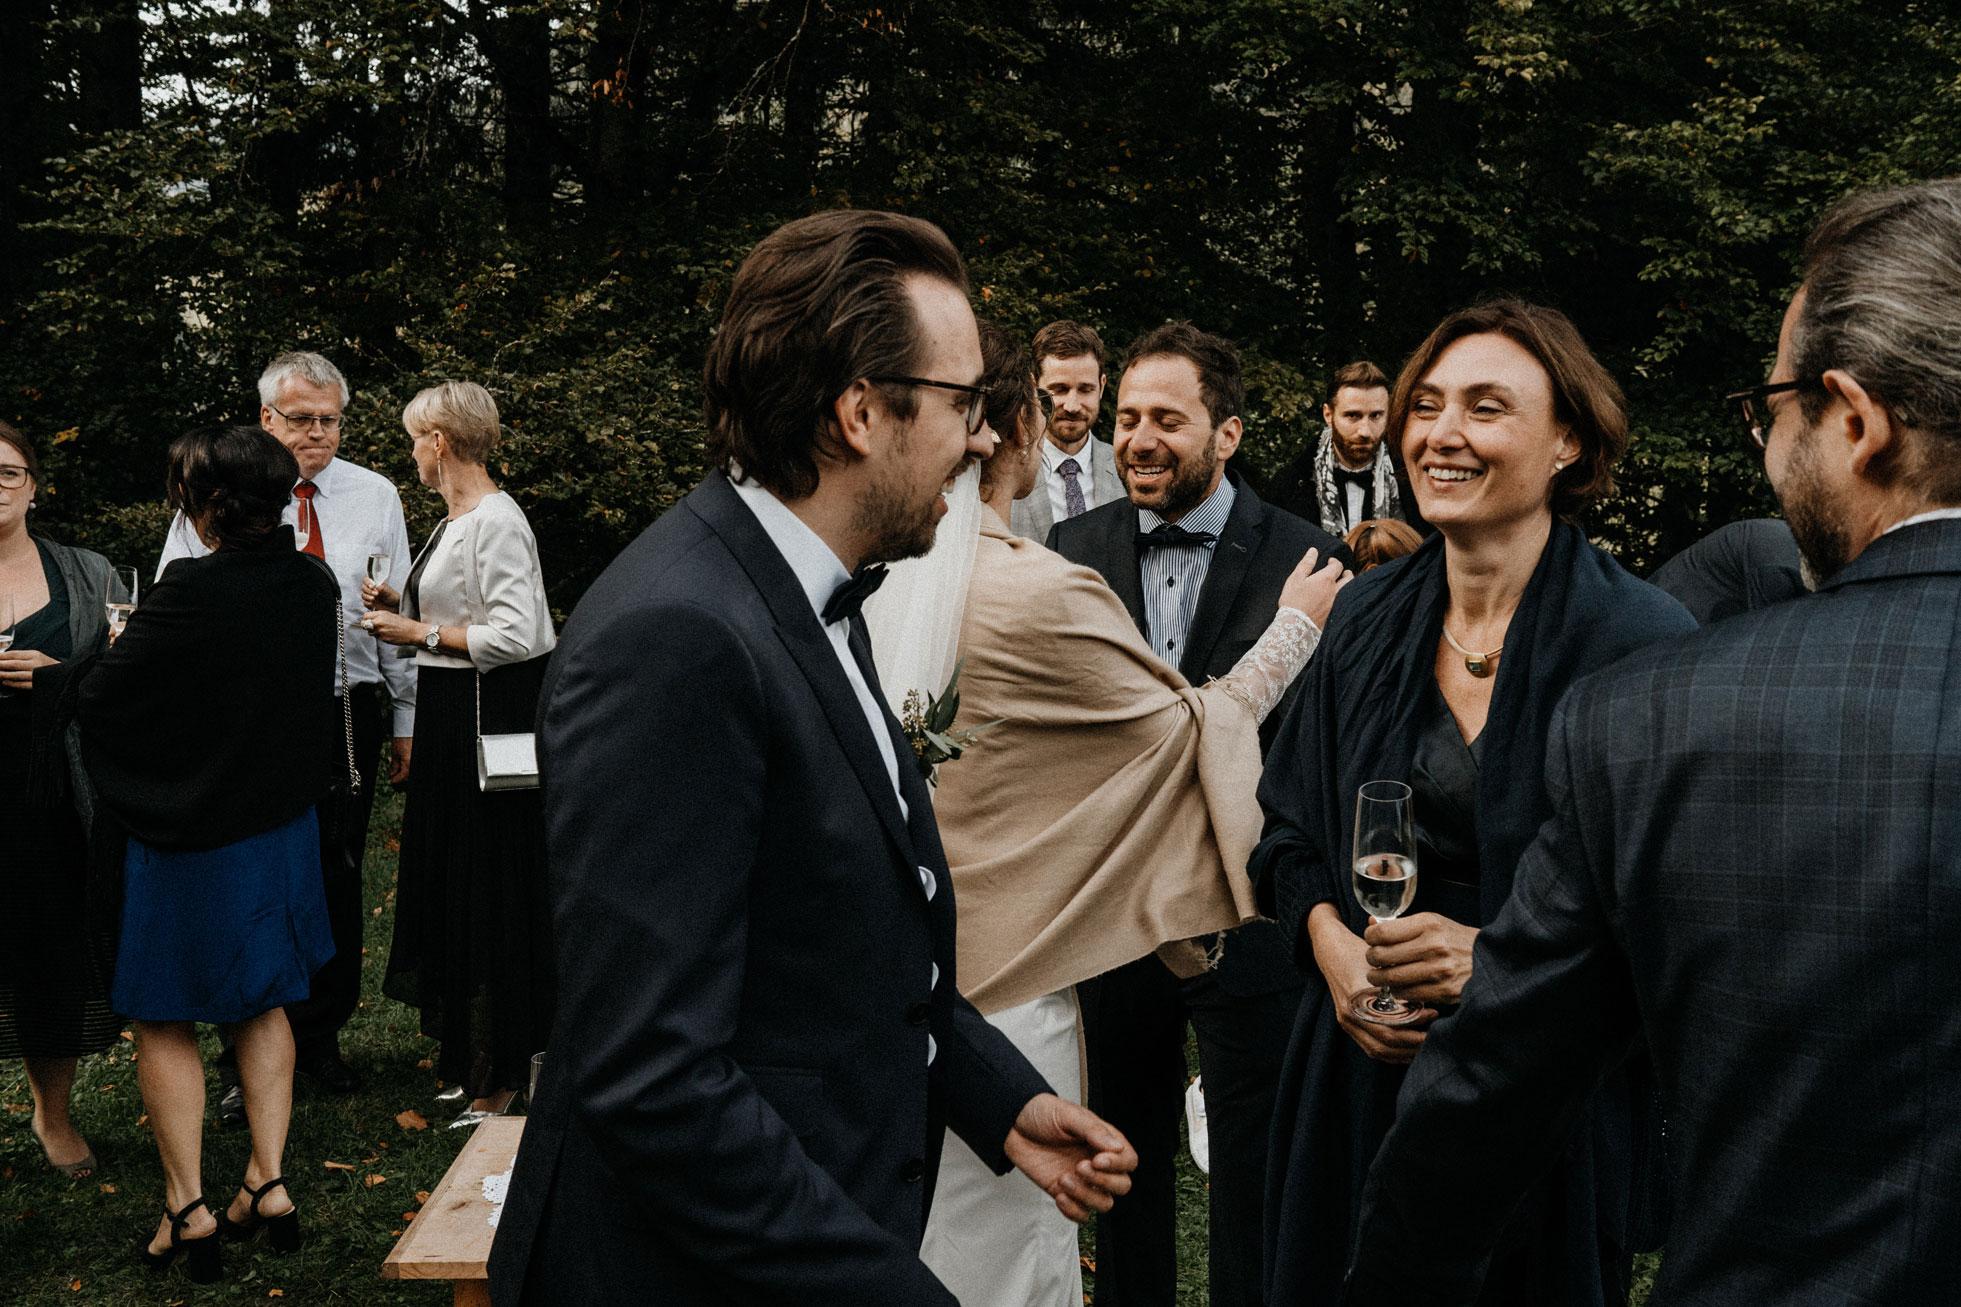 Hochzeit_Claire_Manuel_Villa_Maund_Daniel_Jenny-280.jpg